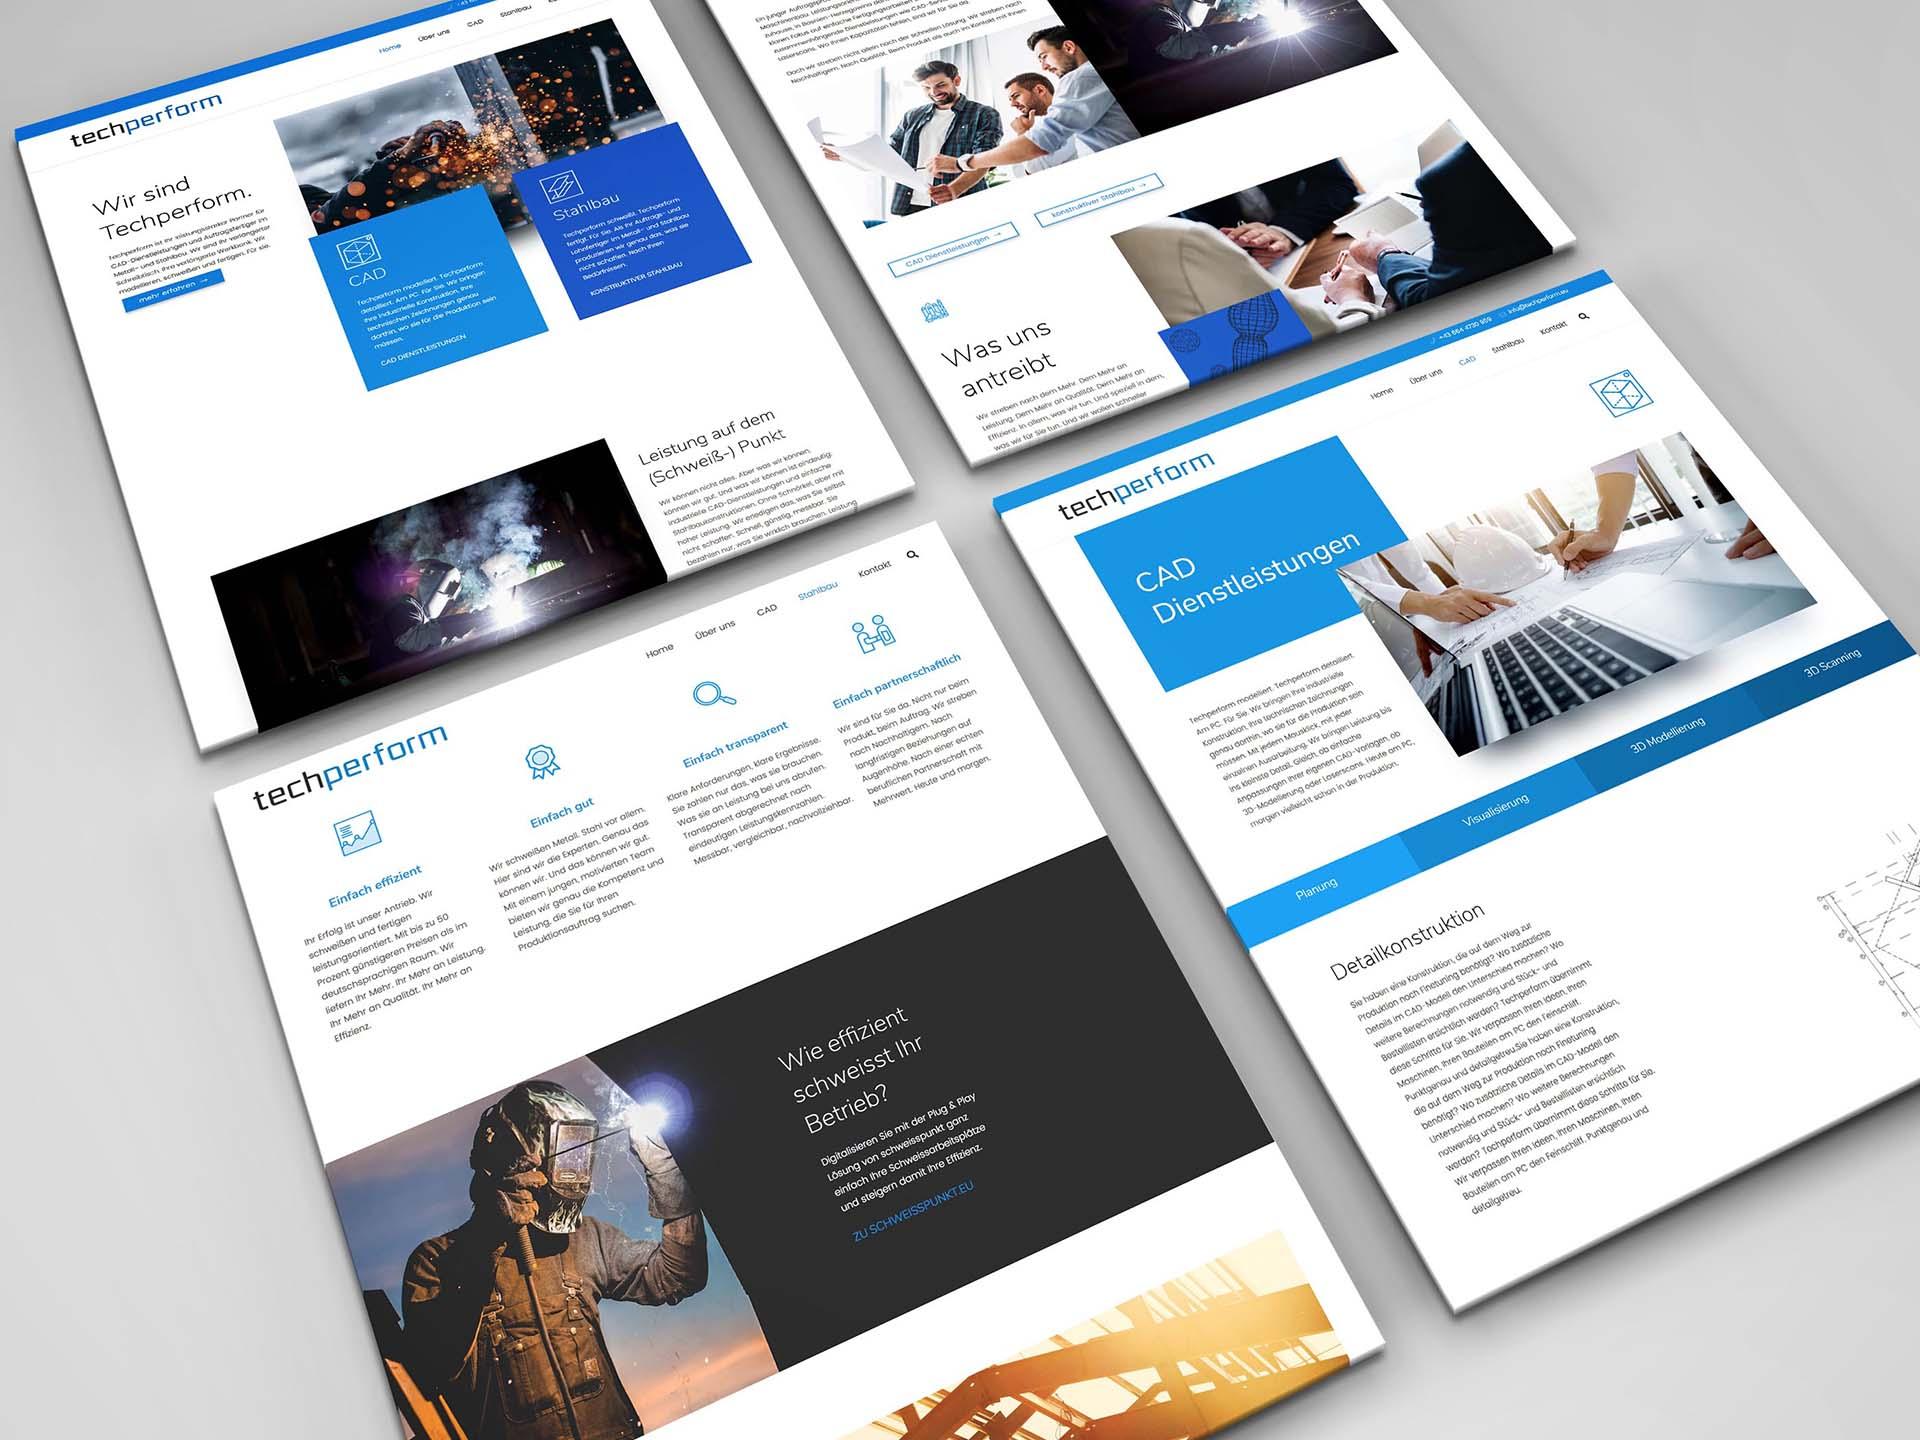 minuteman's Portfolio - Webdesign für techperform - CAD Dienstleistungen und Stahlbau - Aufnahmen der Webseite